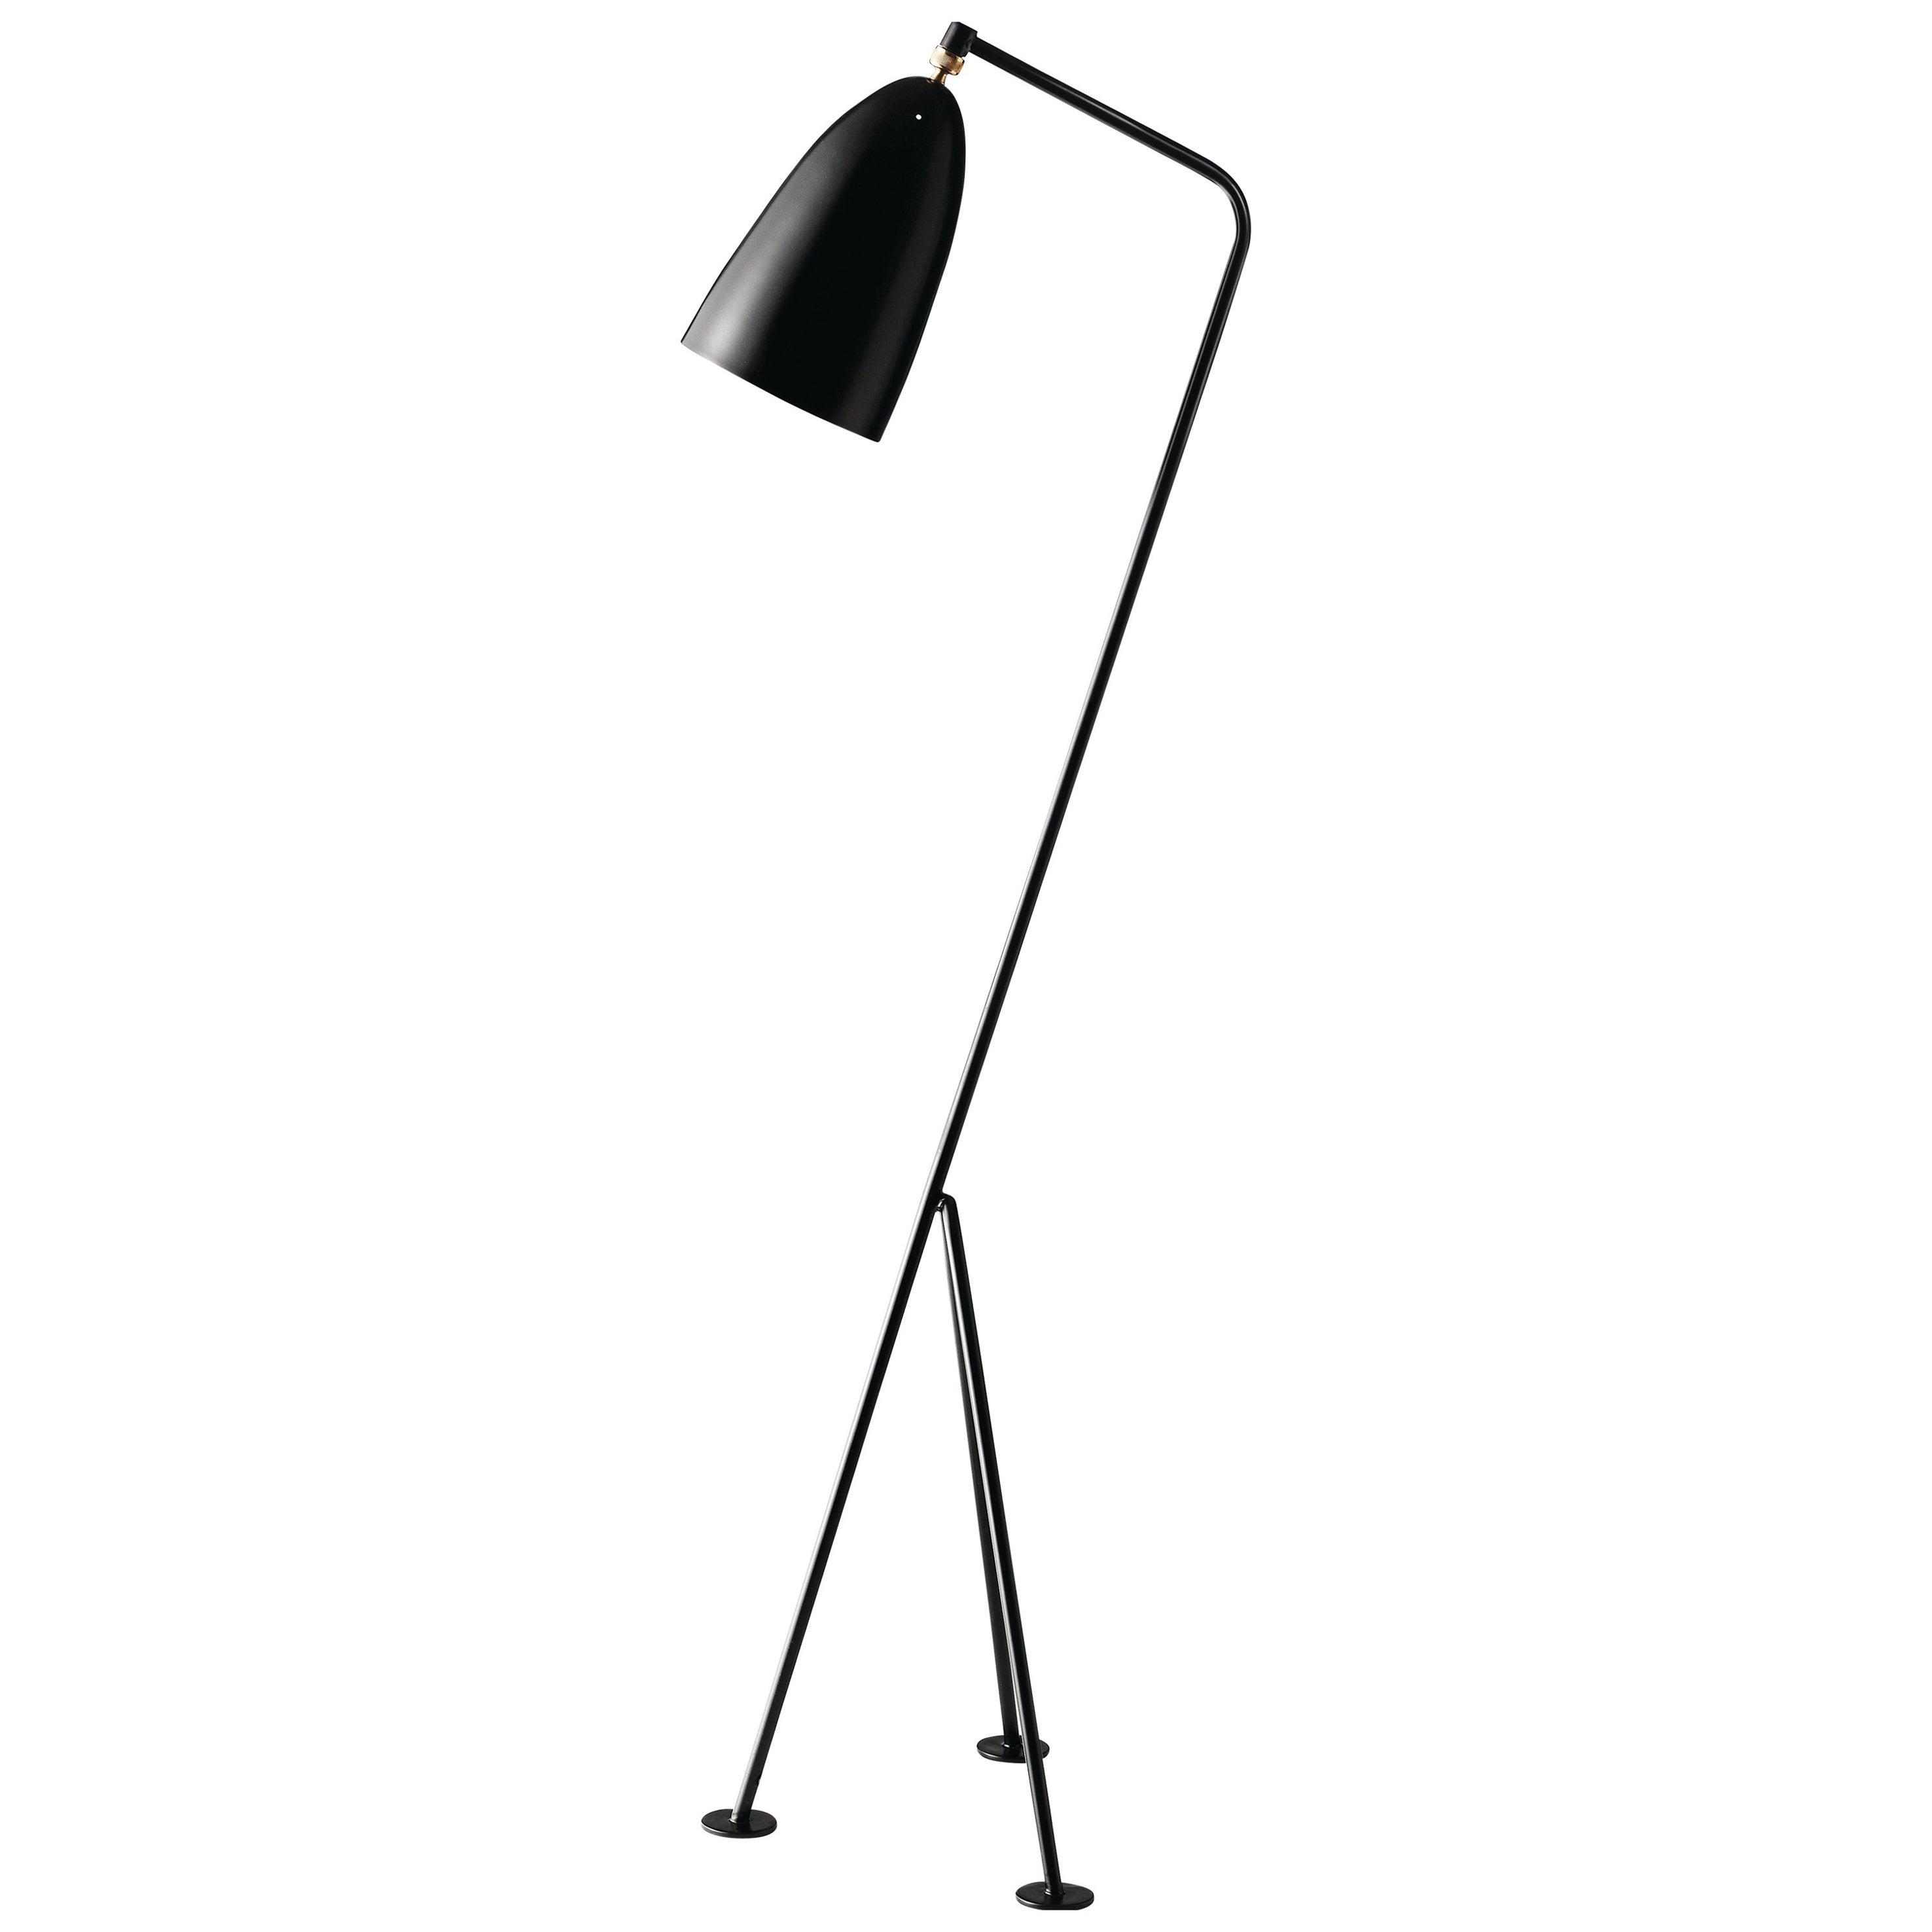 Greta Magnusson Grossman 'Grasshopper' Floor Lamp in Black